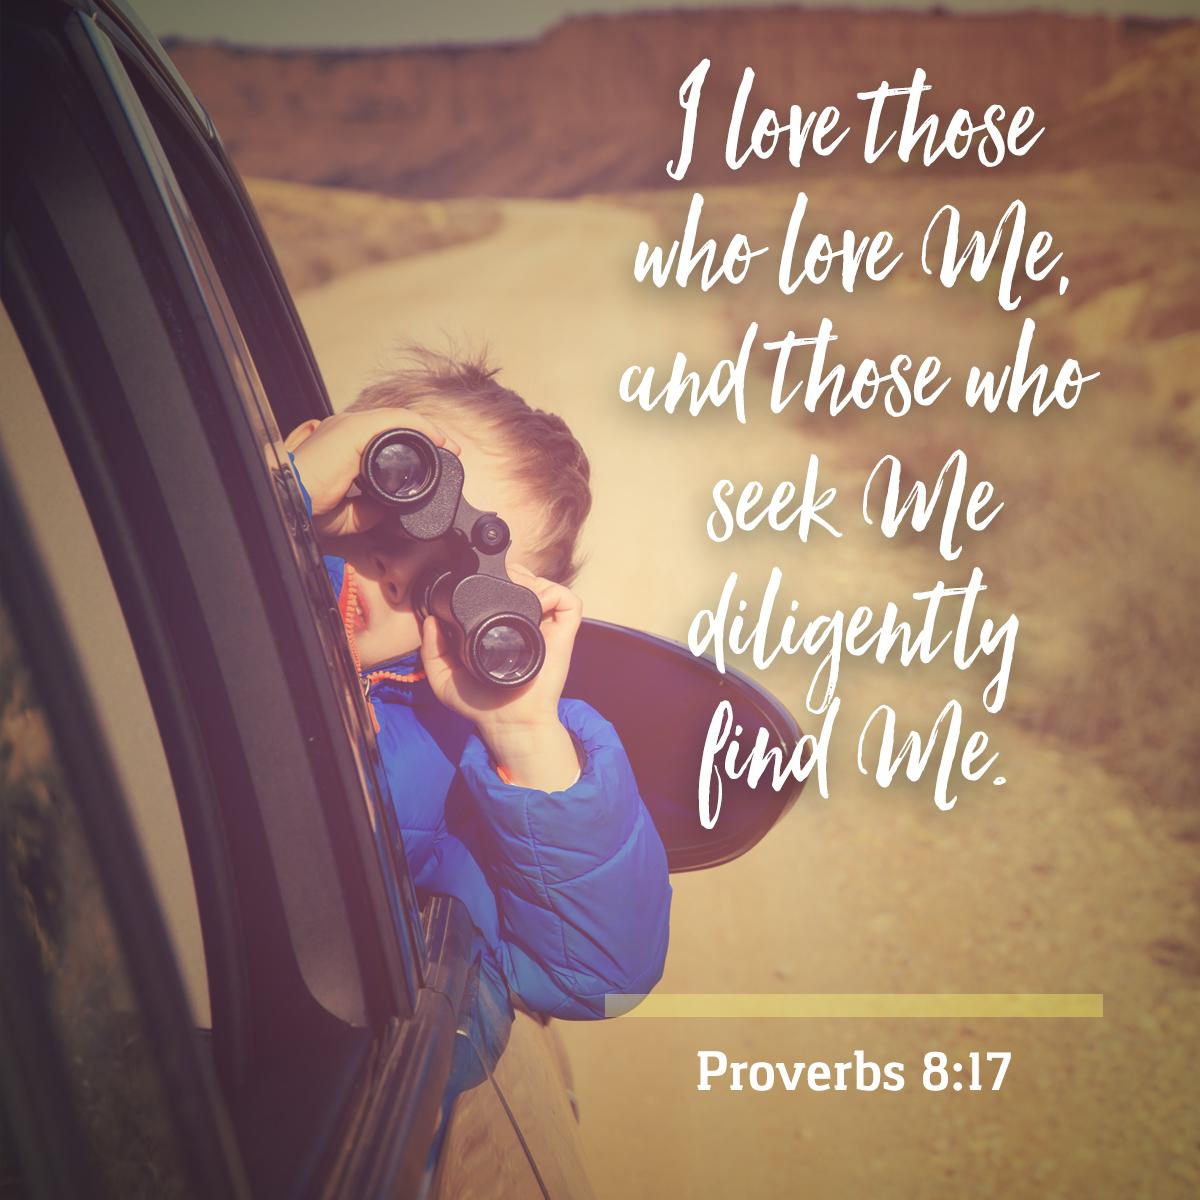 Proverbs 8:17